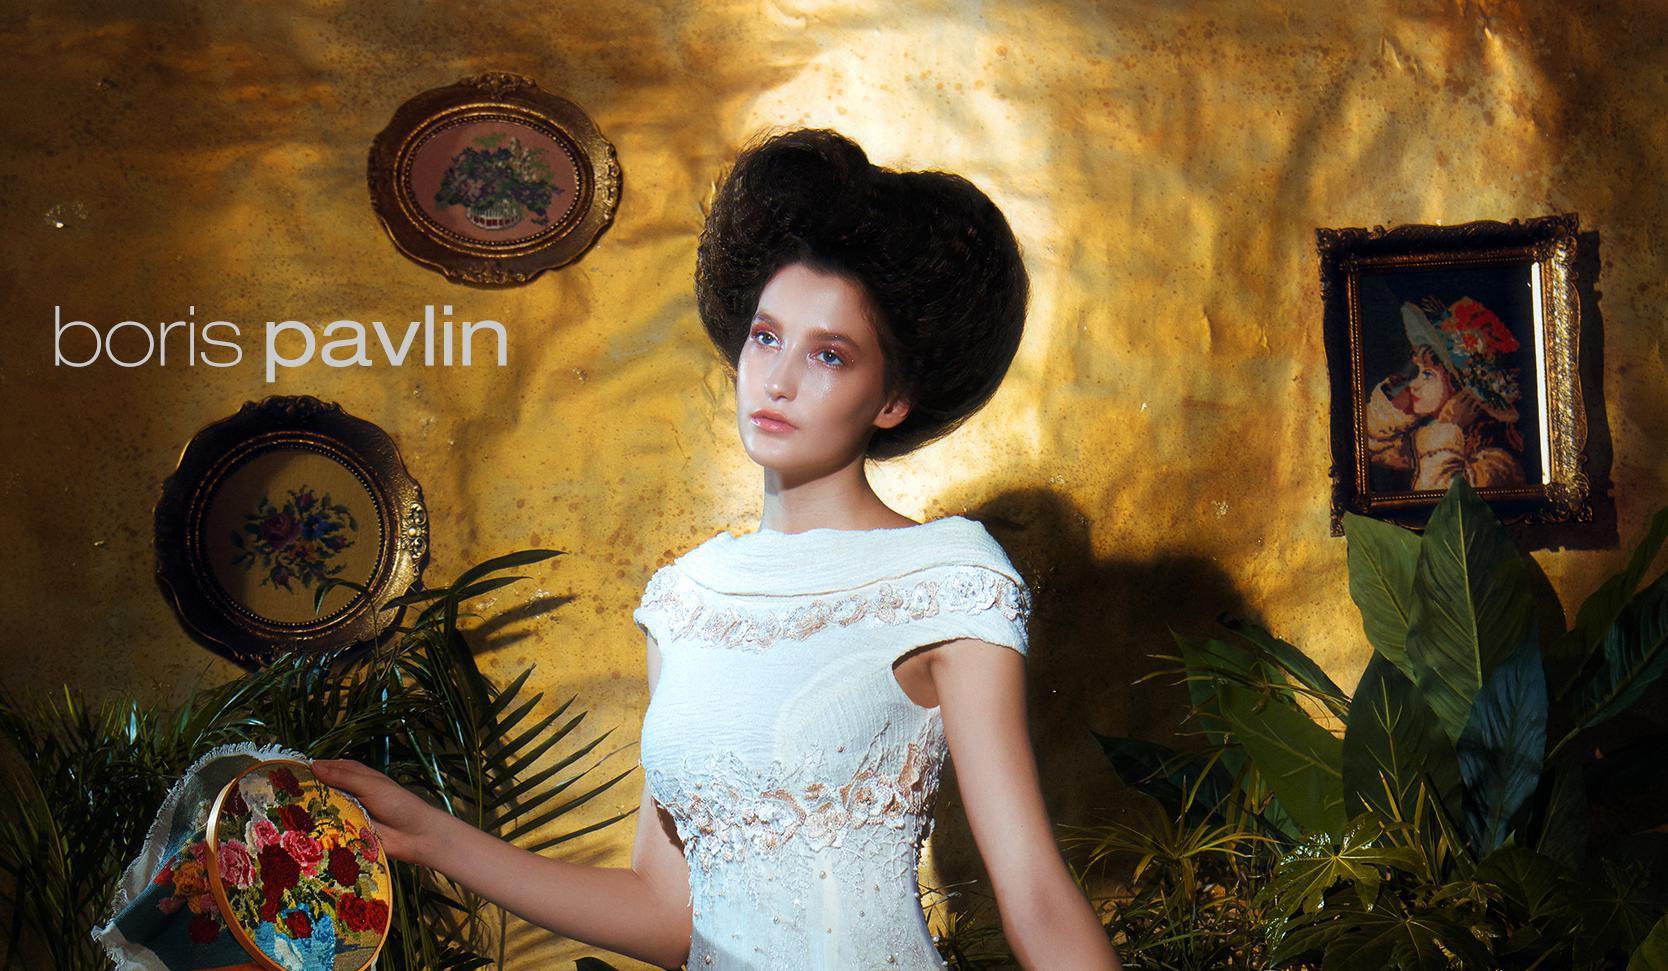 Boris Pavlin predstavio novu kolekciju večernjih haljina koje izgledaju poput malih remek-djela